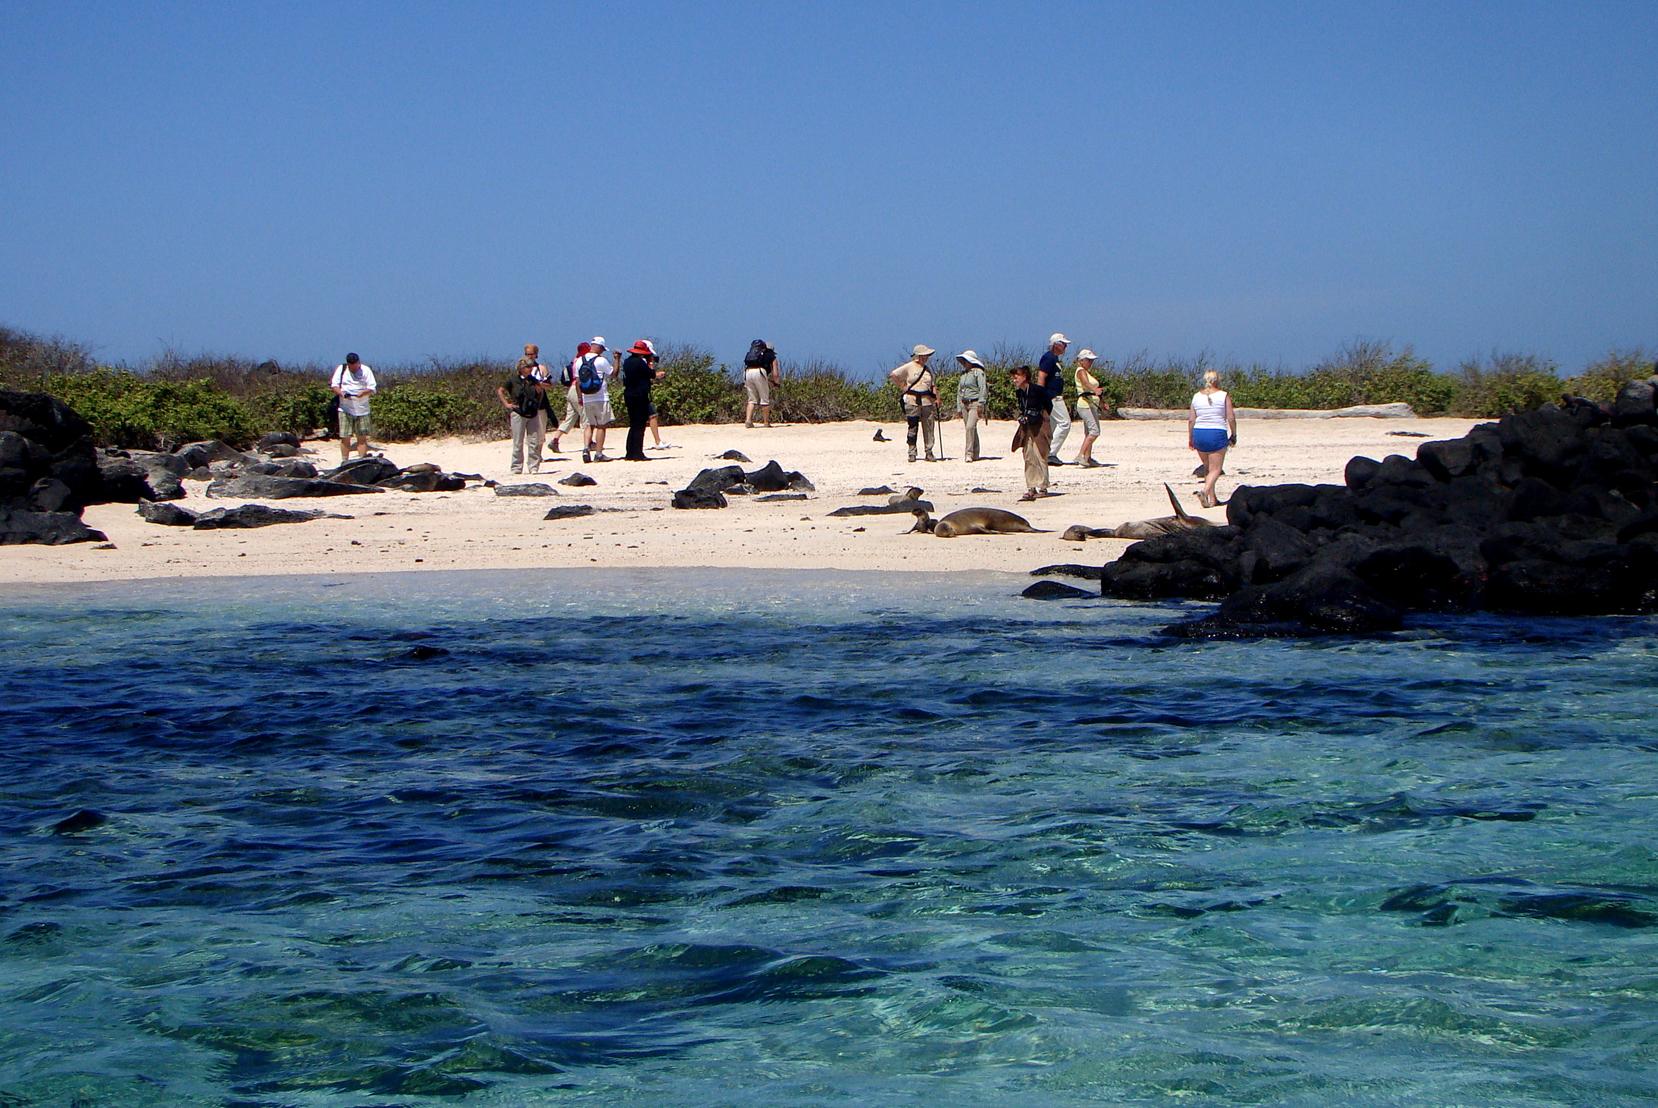 Turistas tiram fotos com leões marinhos em praia de Española, em Galápagos, Equador